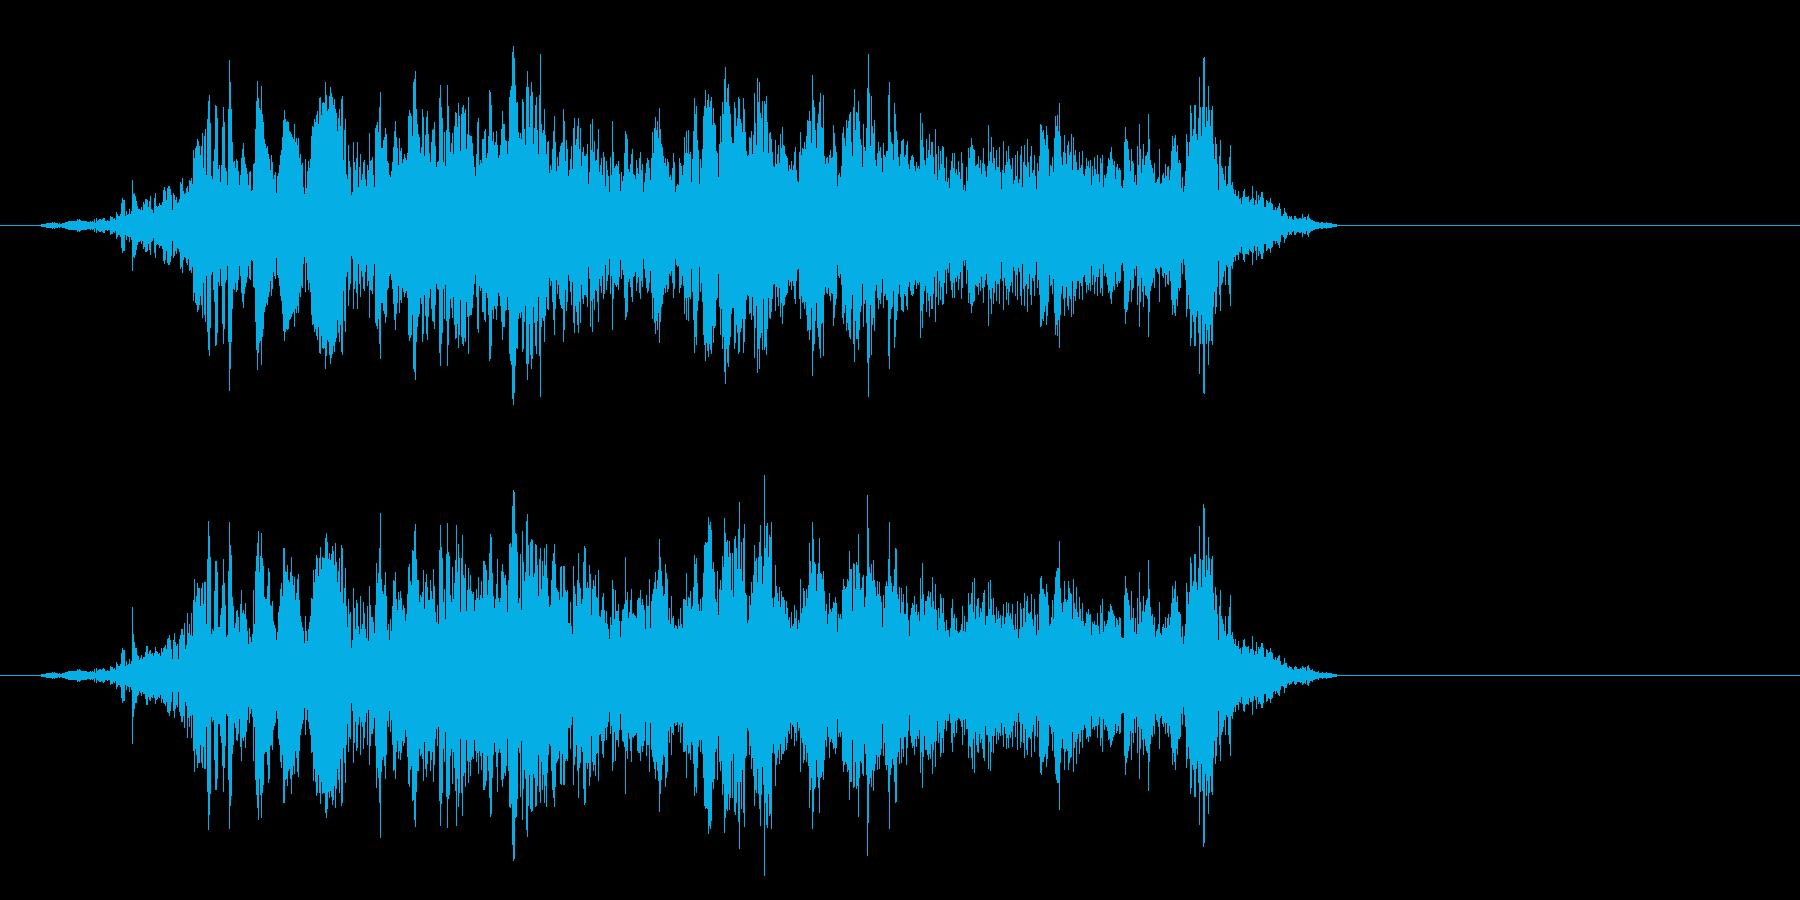 ブートアップ、ハイテクスタートアッ...の再生済みの波形